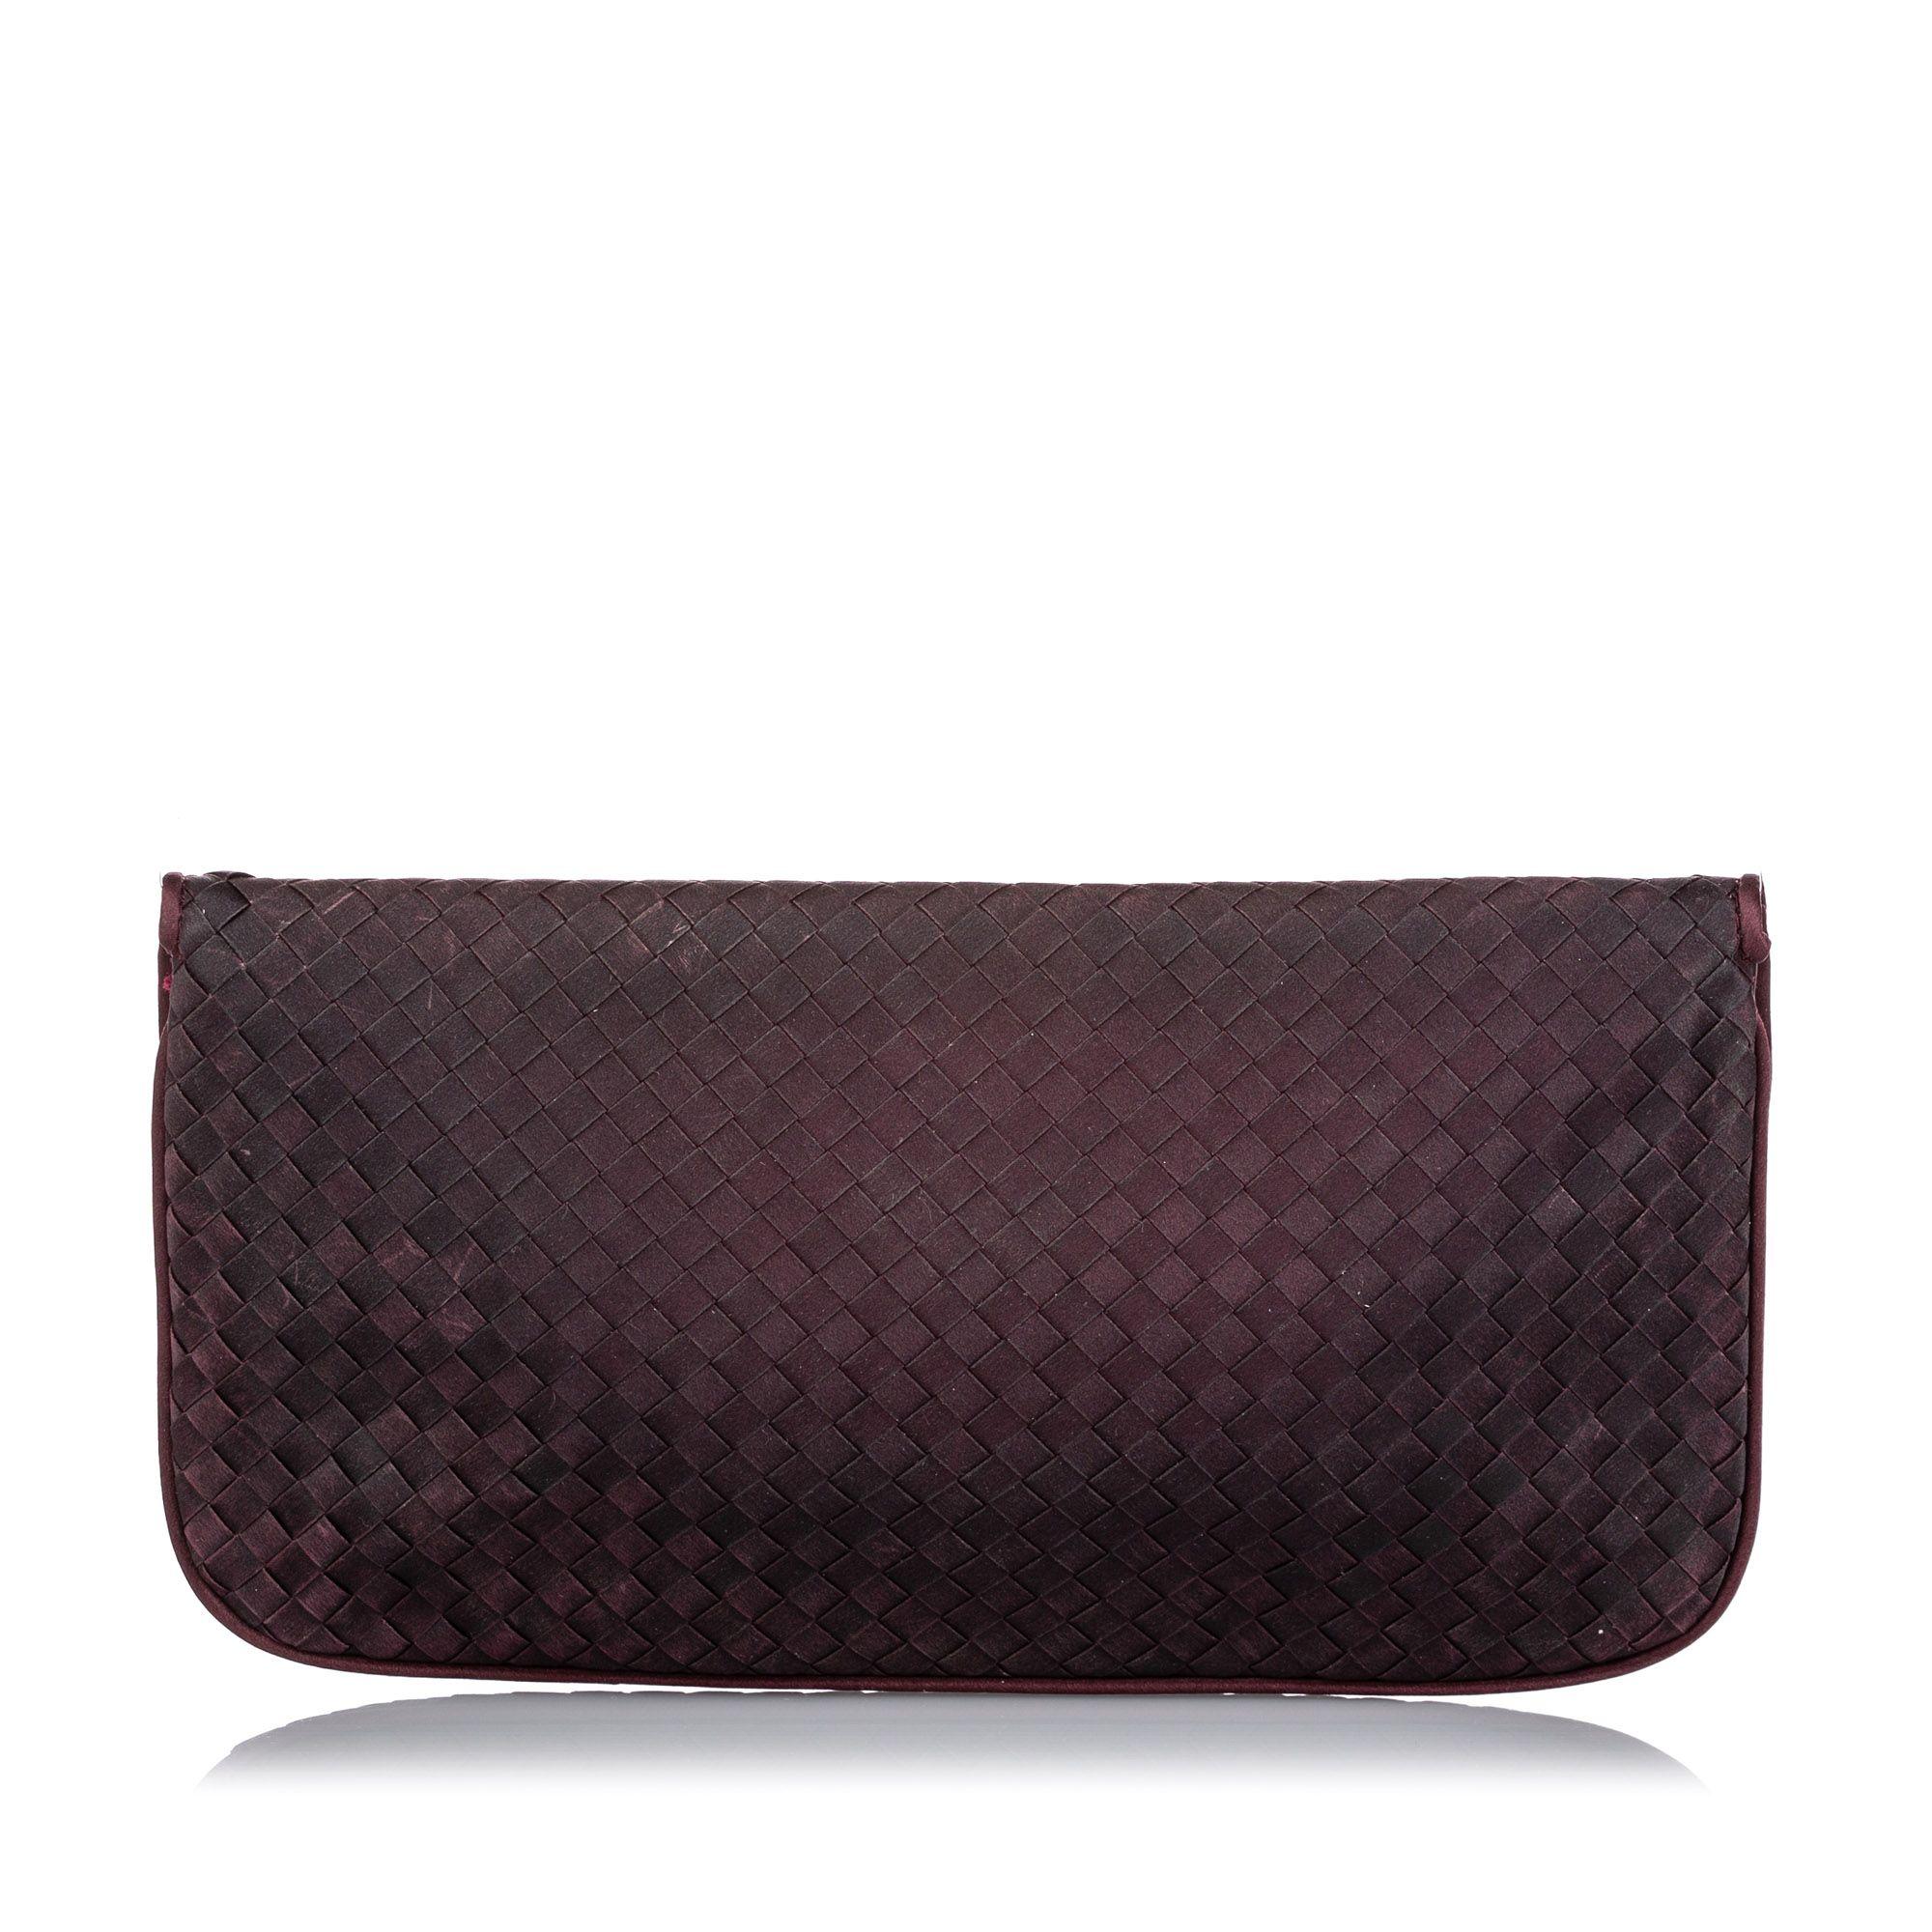 Vintage Bottega Veneta Intrecciato Nylon Clutch Bag Purple